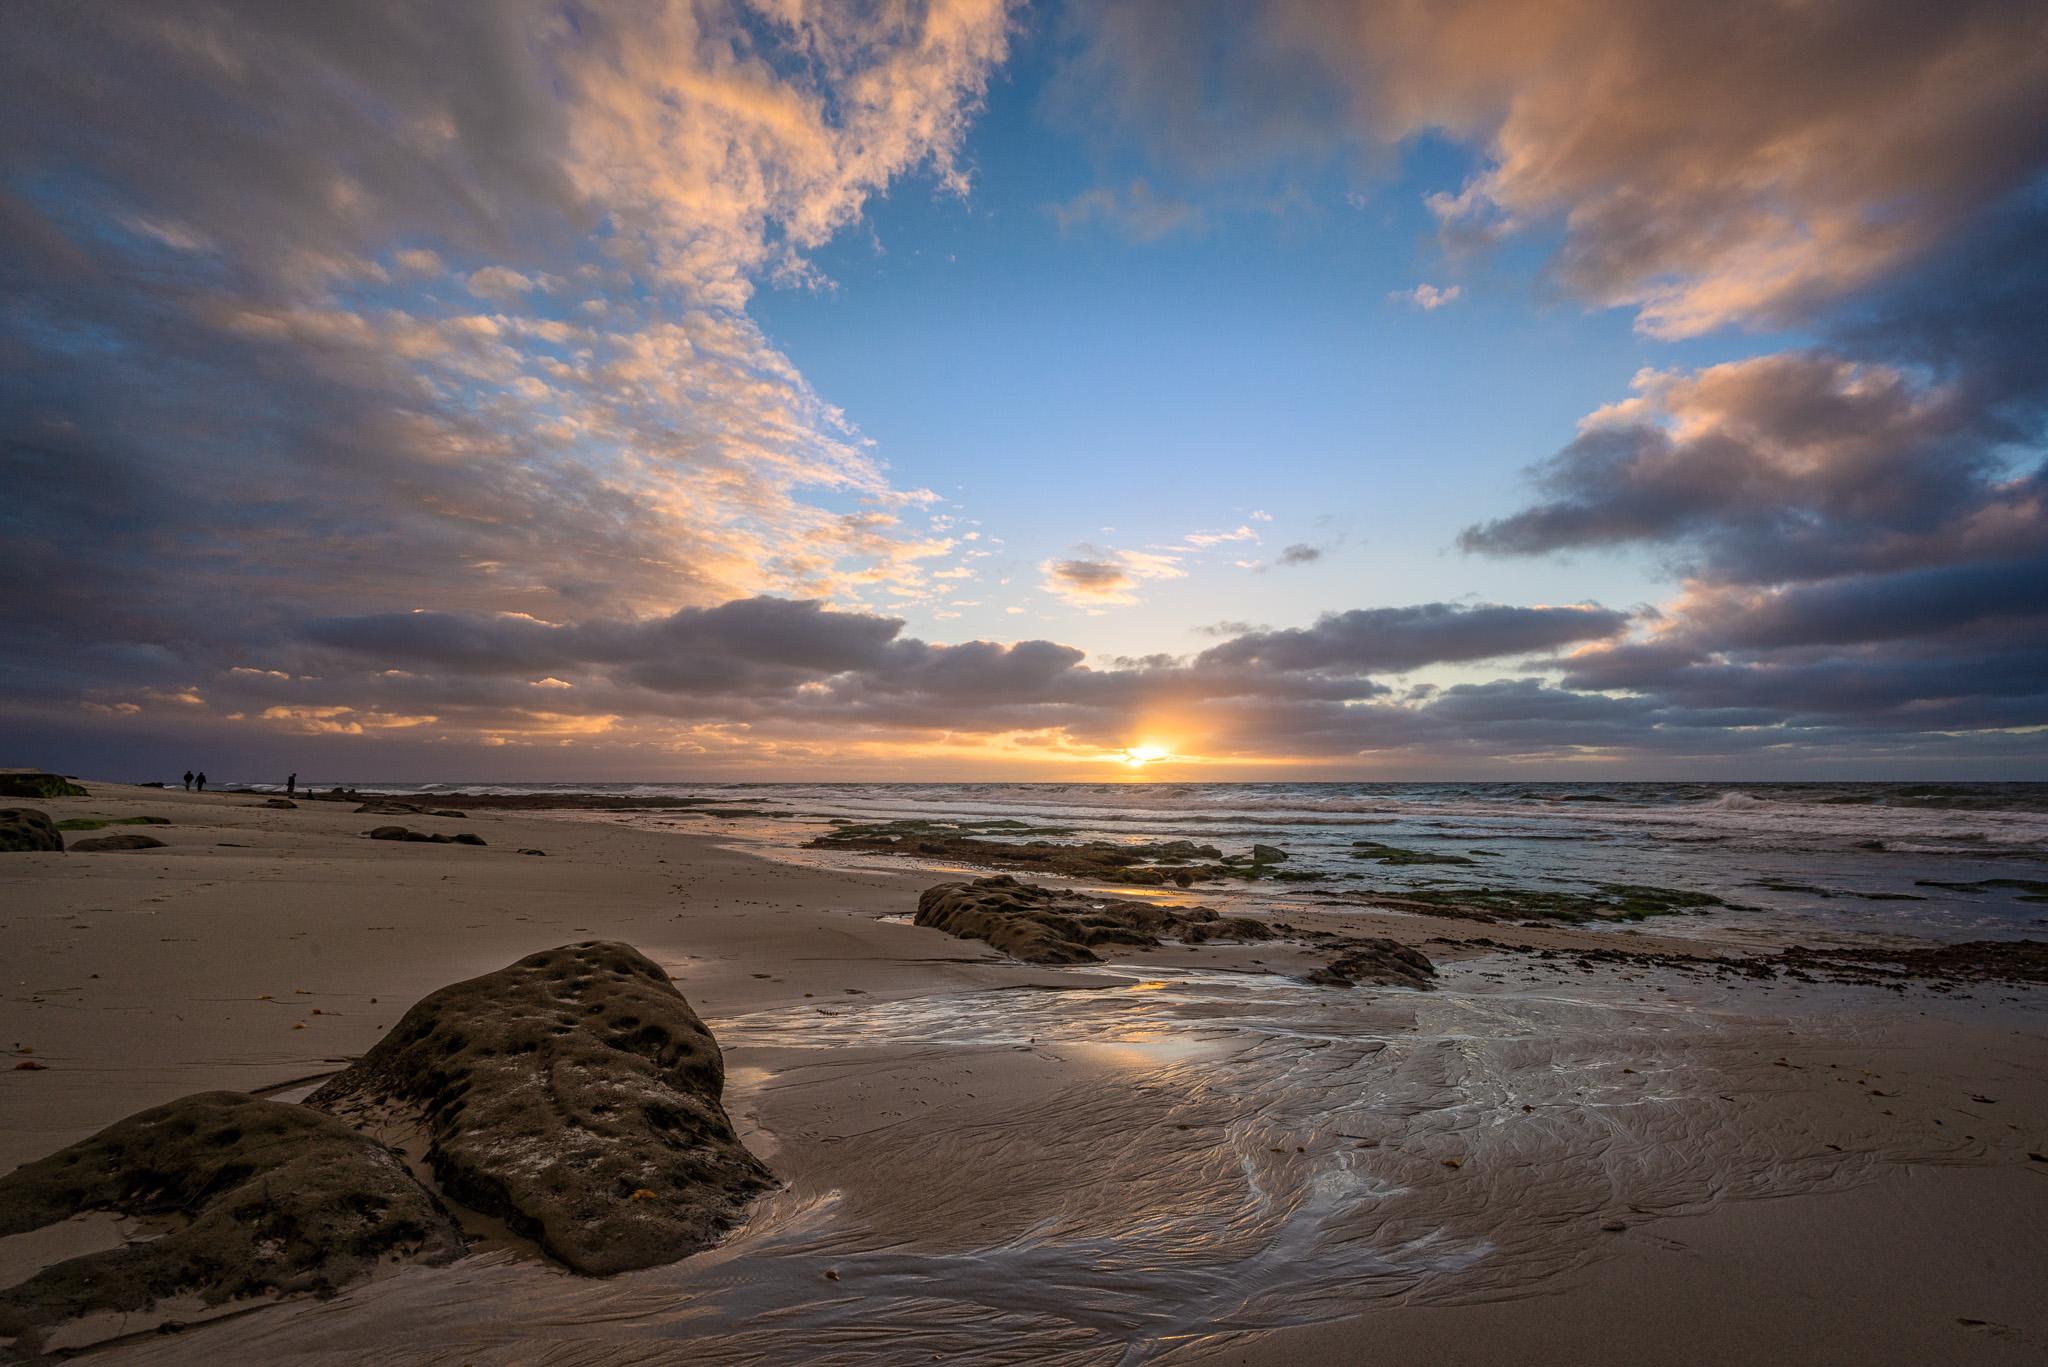 Sunset, Windansea